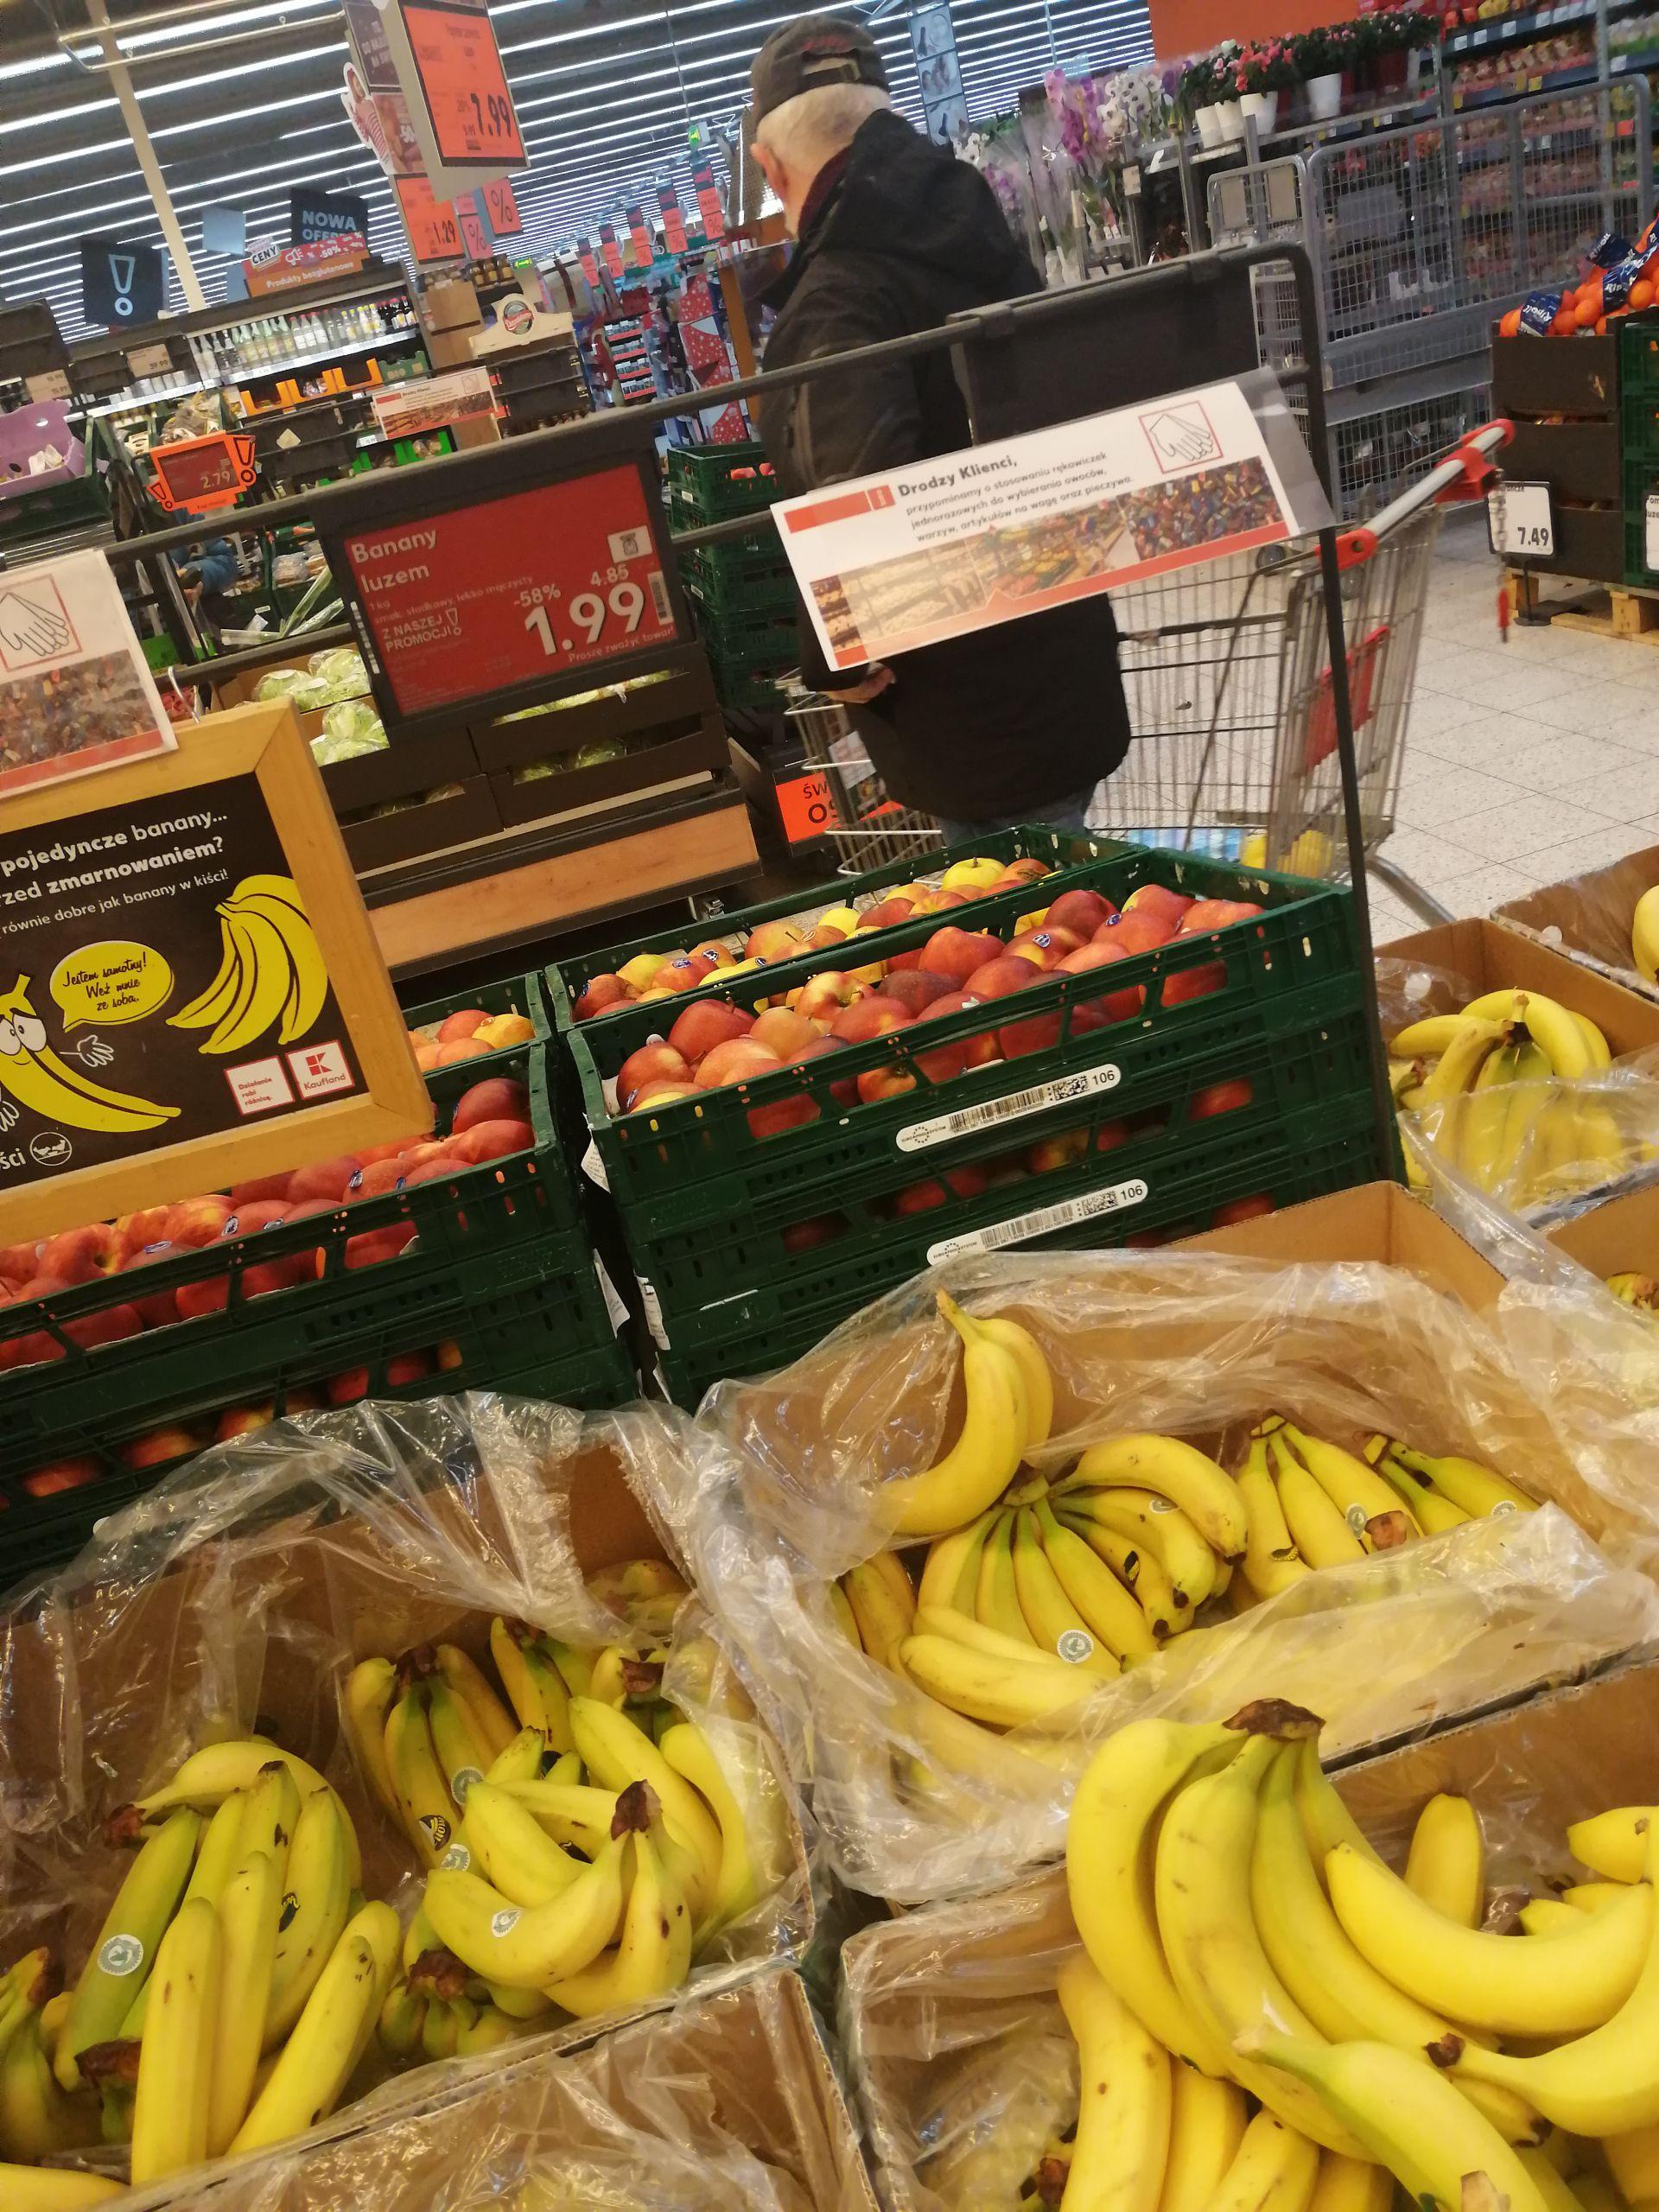 Banany Kaufland